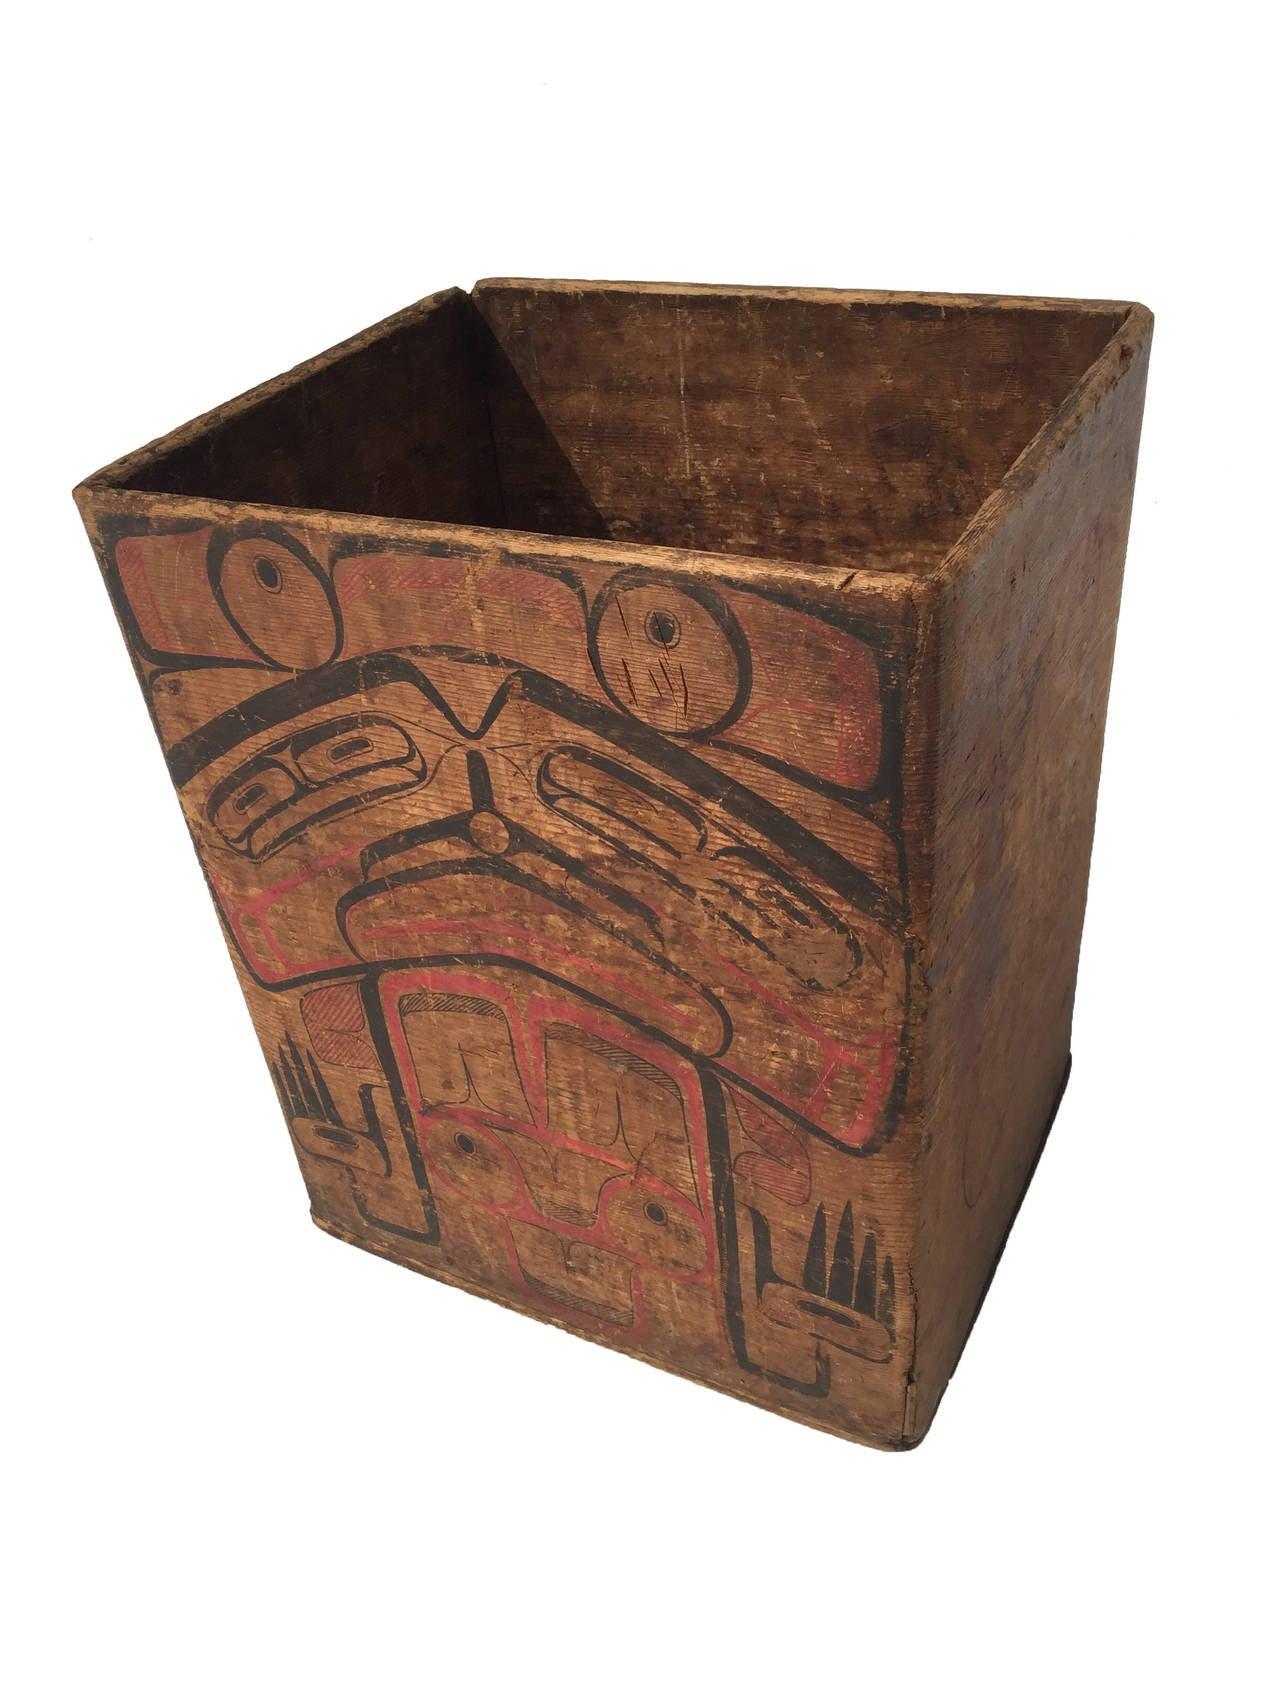 Mid 19th Century Northwest Coast Bentwood Box Image 2